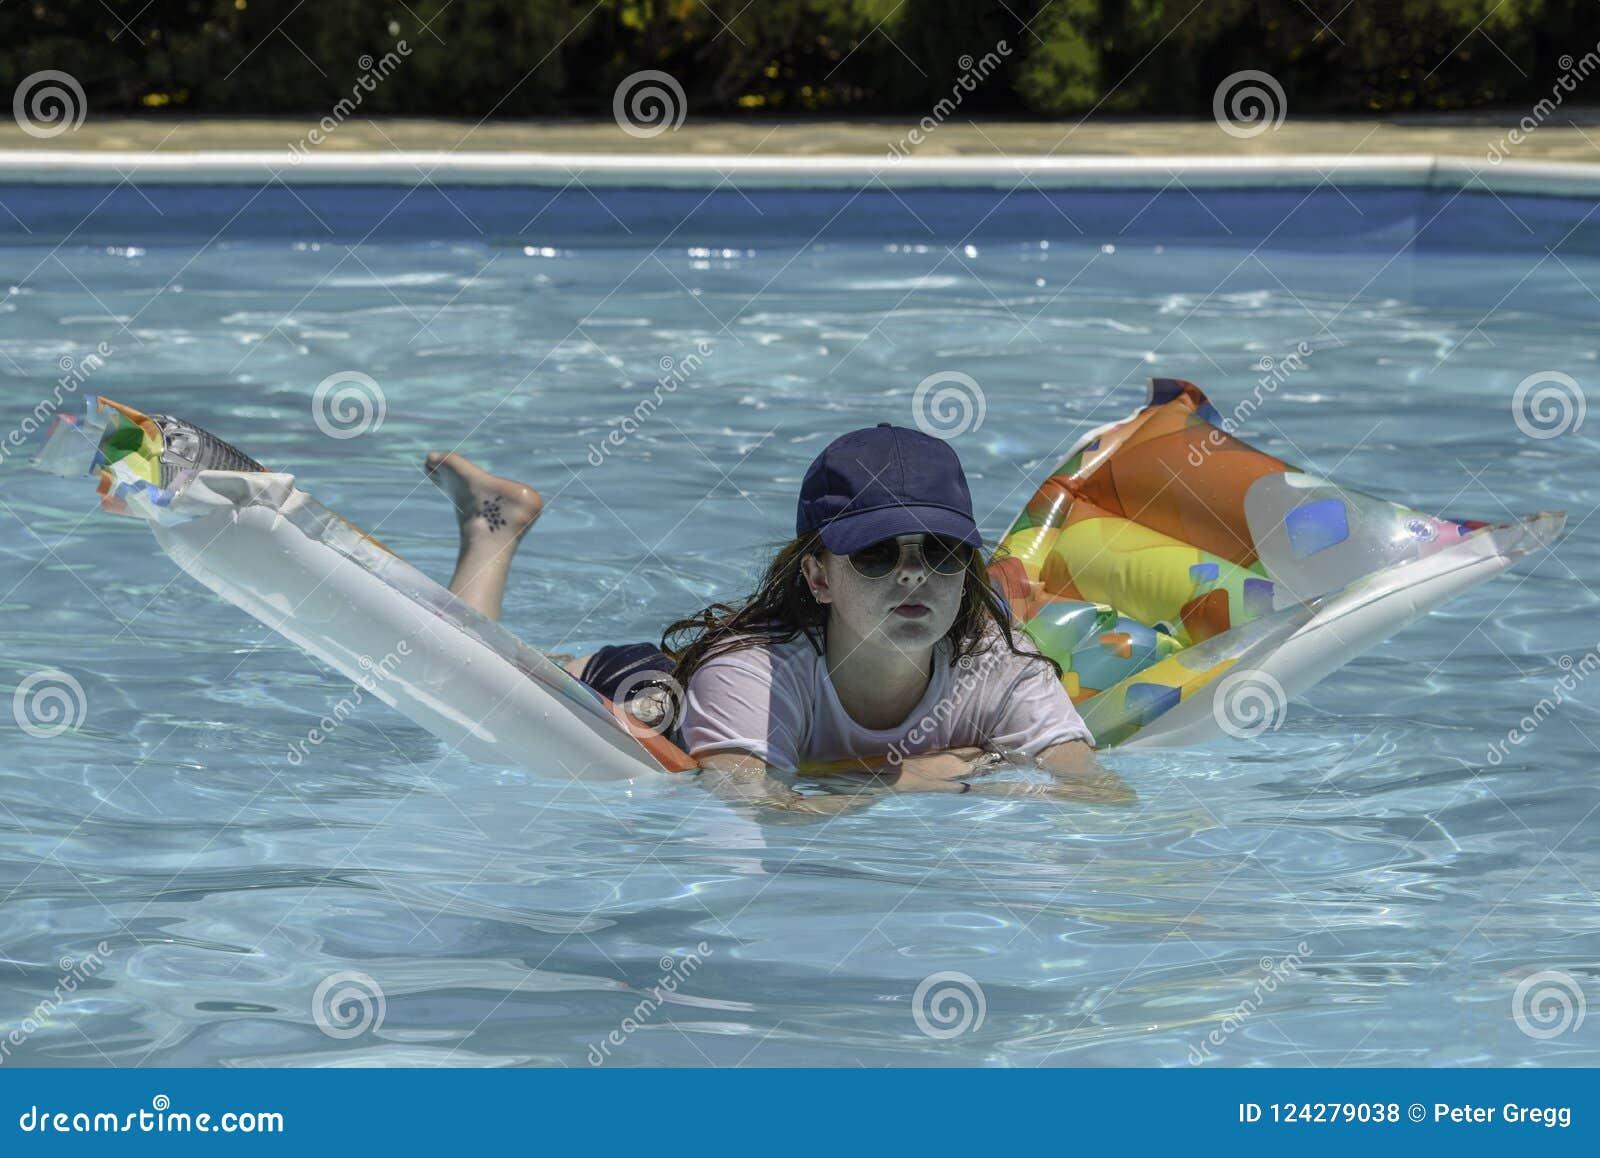 Adolescente que flota en un colchón neumático